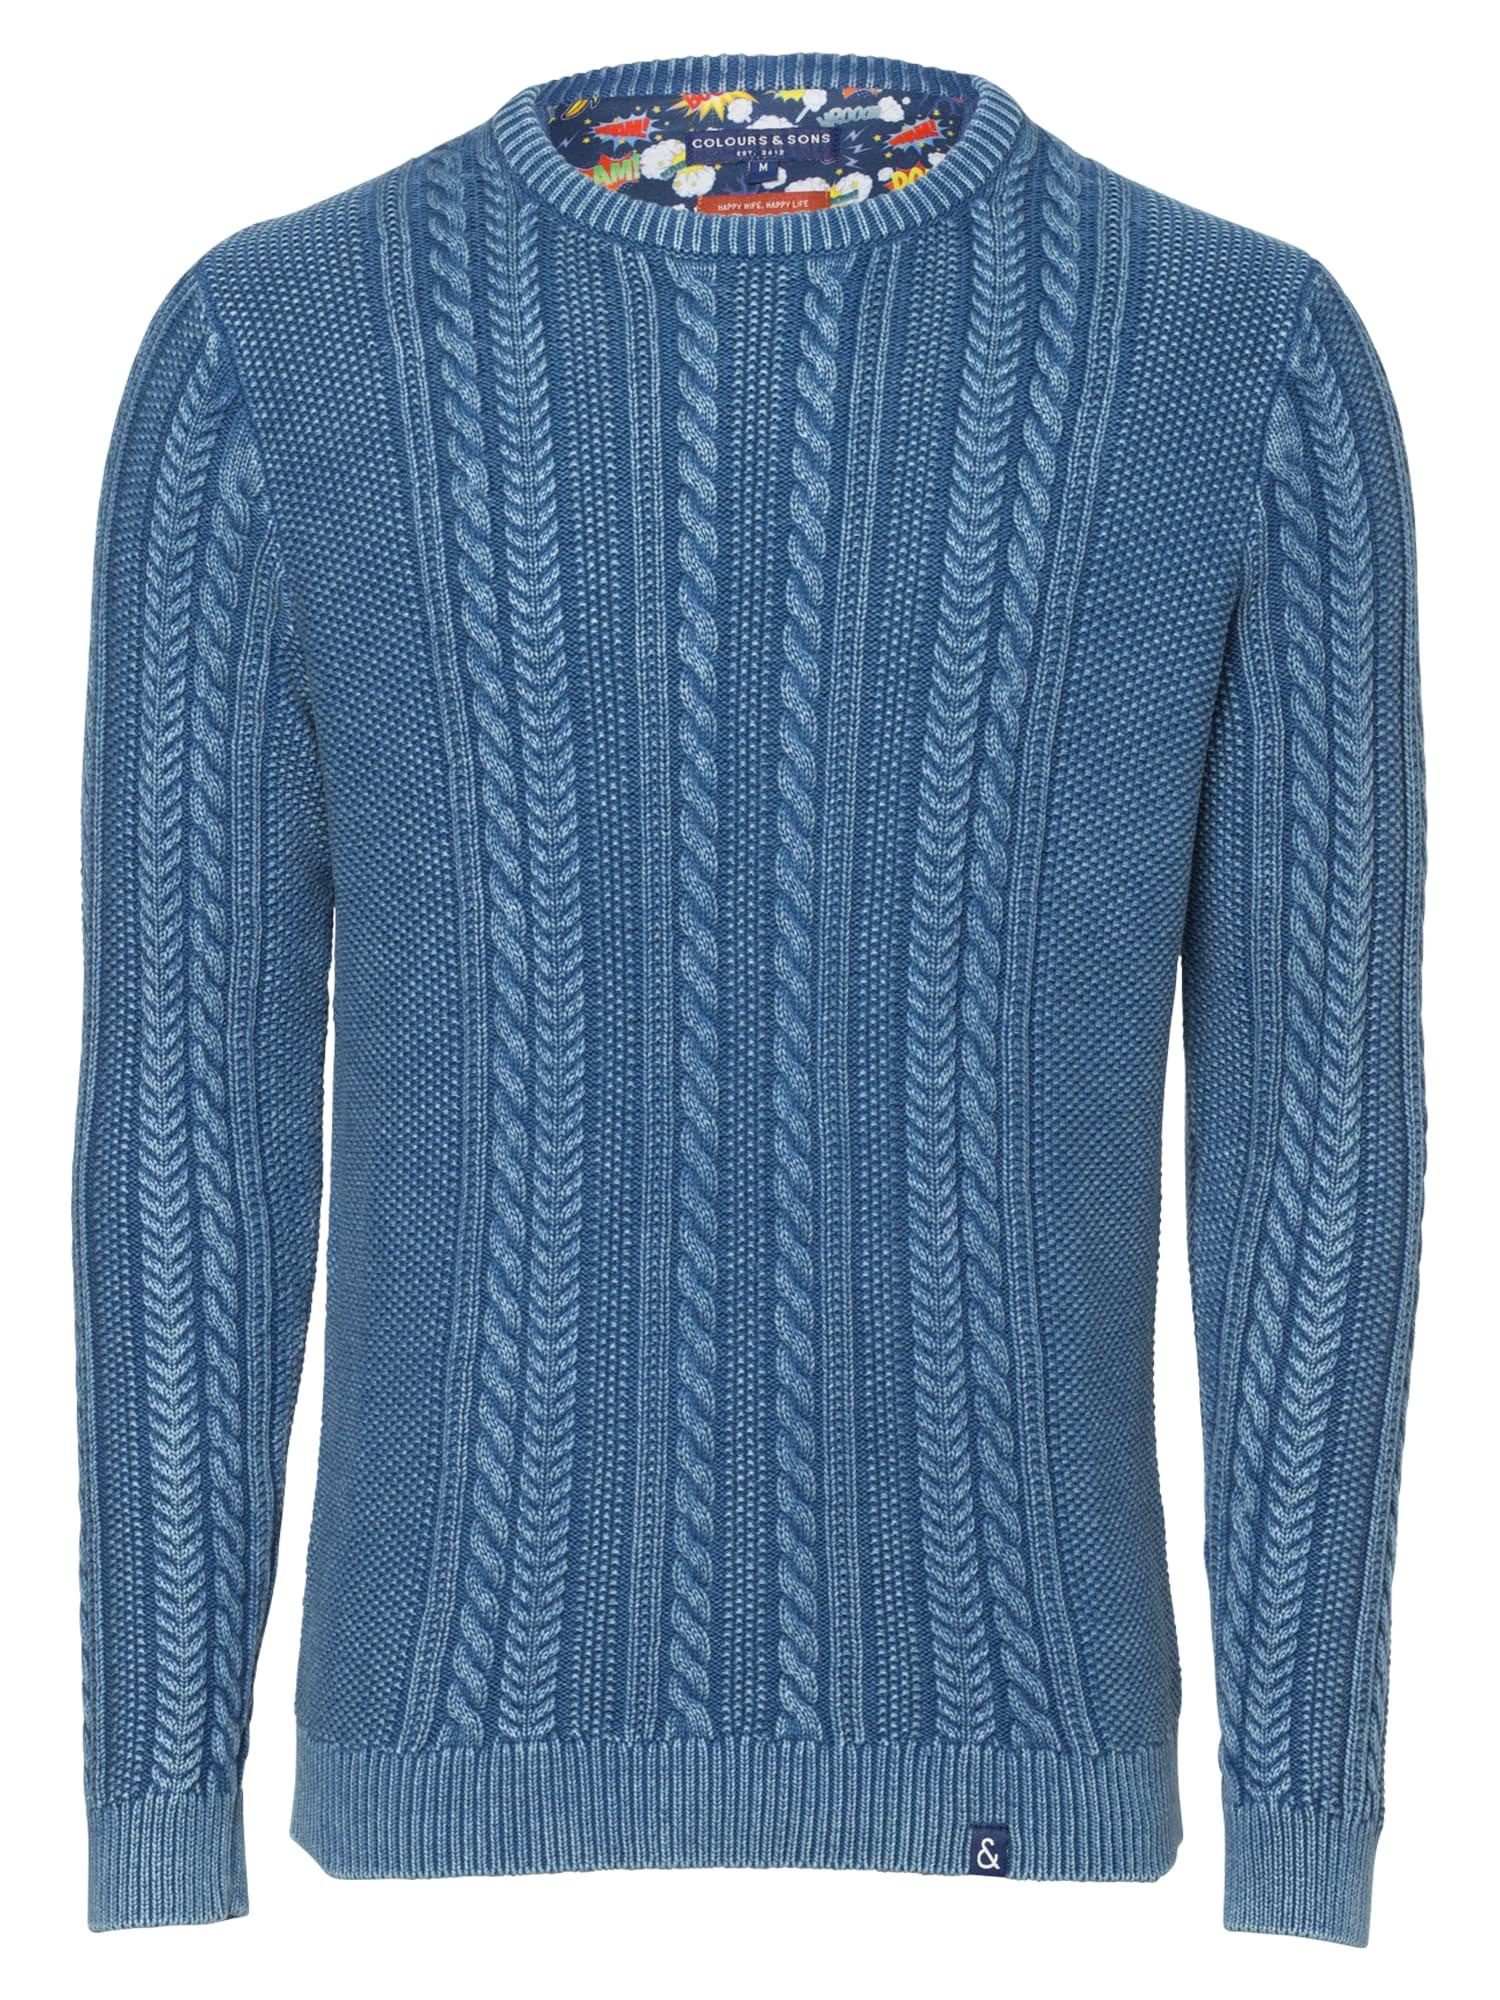 COLOURS & SONS Megztinis